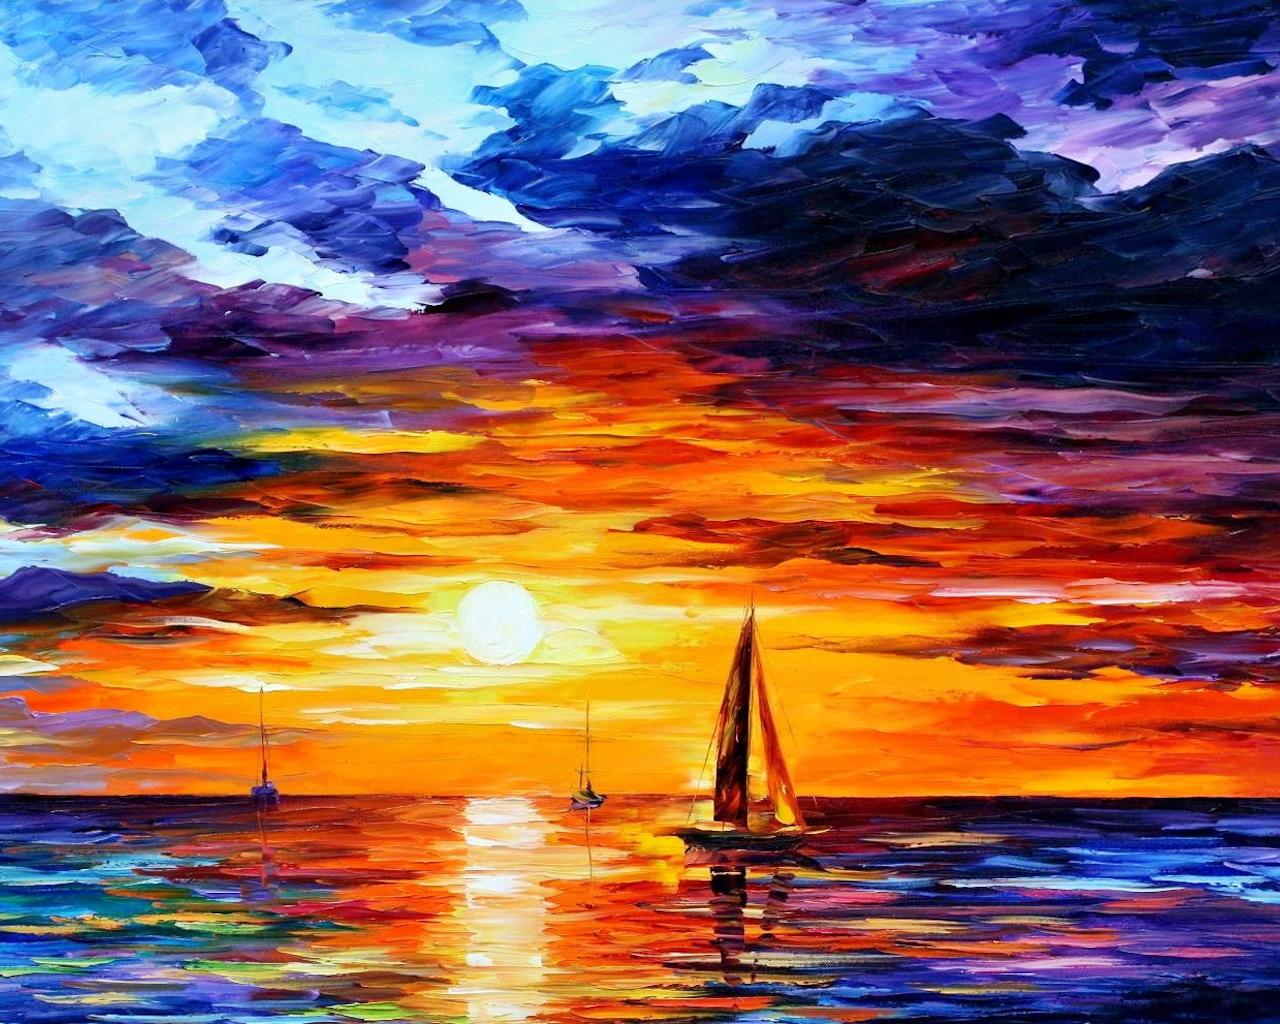 7557 économiseurs d'écran et fonds d'écran Art sur votre téléphone. Téléchargez Art, Paysage, Coucher De Soleil, Sky, Mer, Peintures images gratuitement